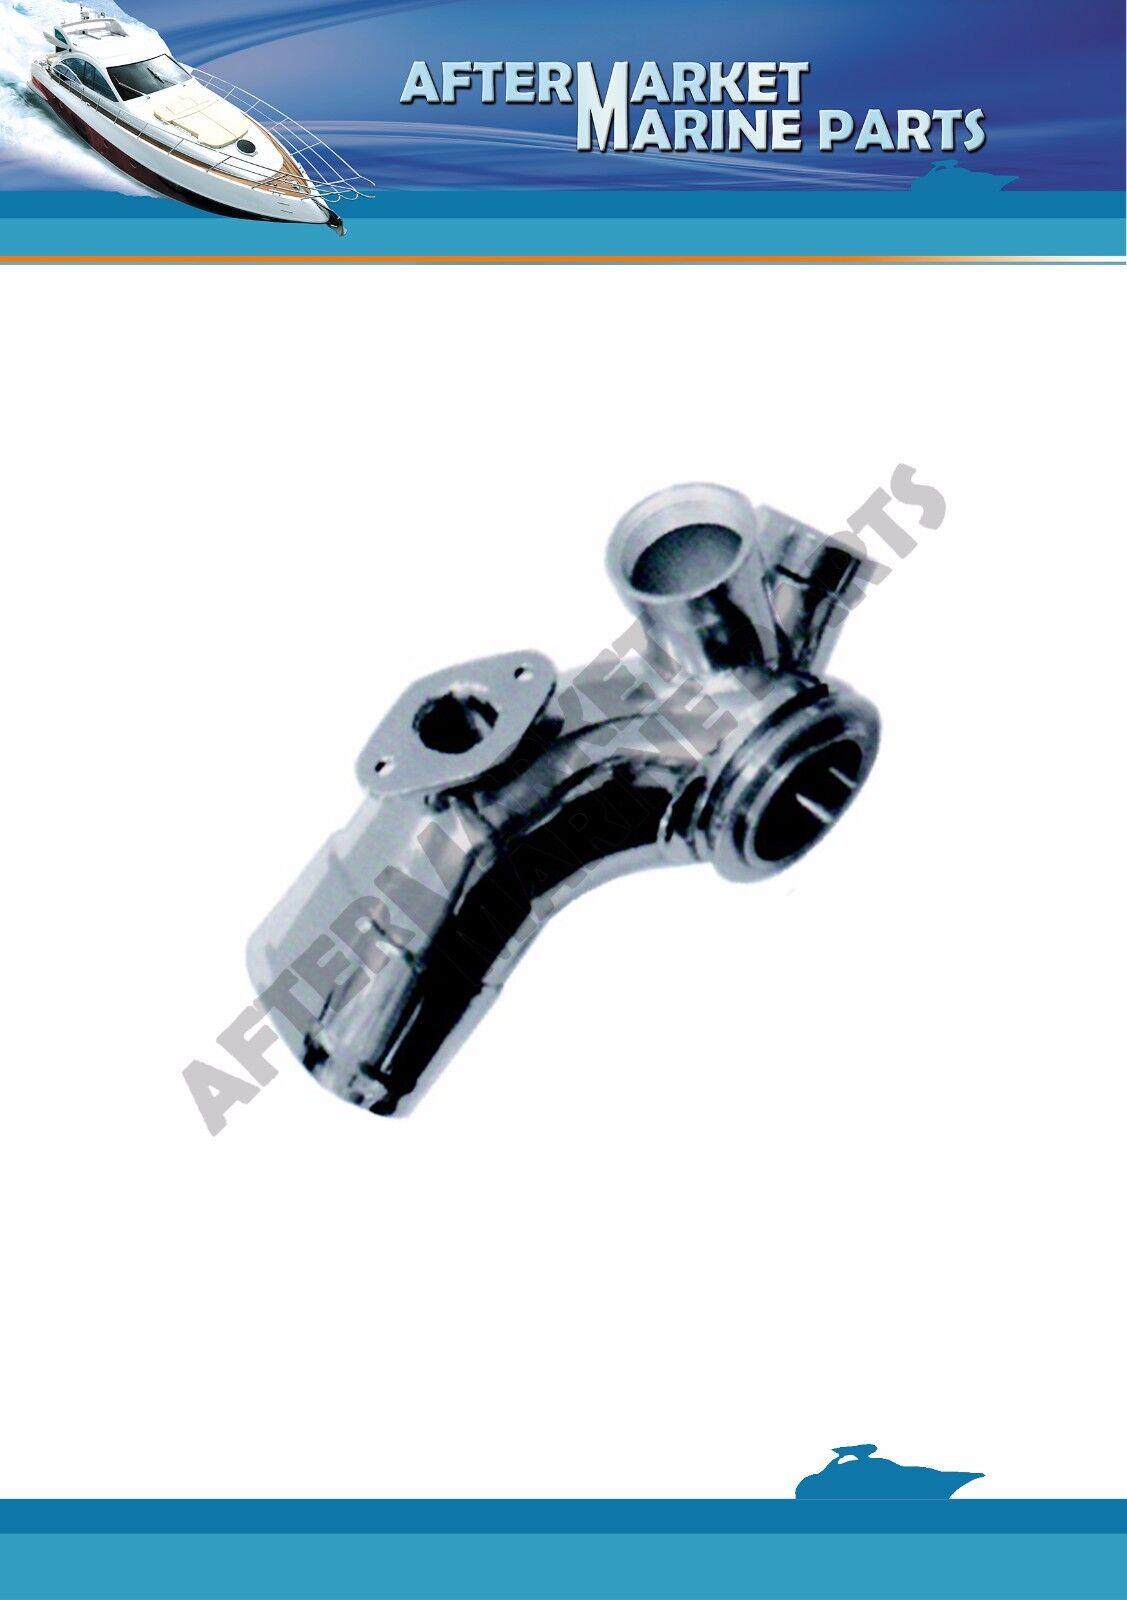 Edelstahl D254 Abgaskrümmer Ersetzen 805602A2 D254 Edelstahl D4.2 (Inox) 8967d1